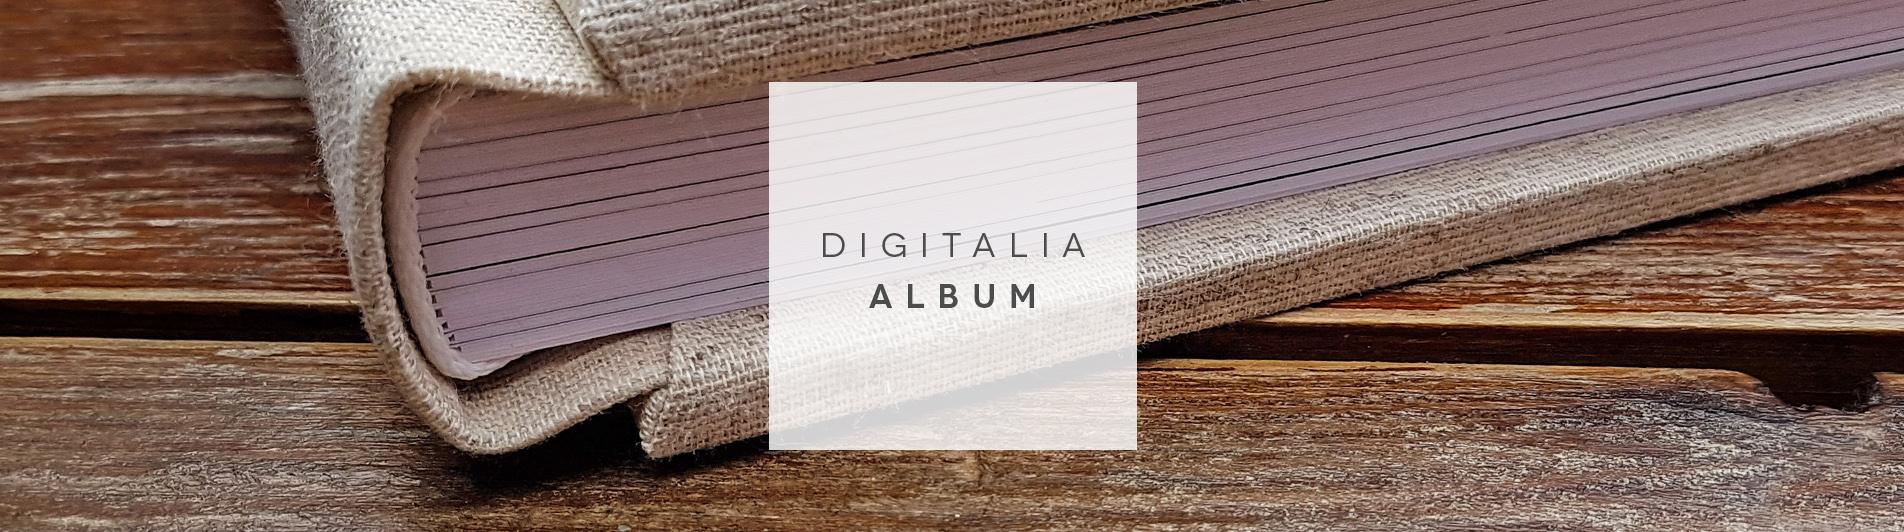 Digitalia Album